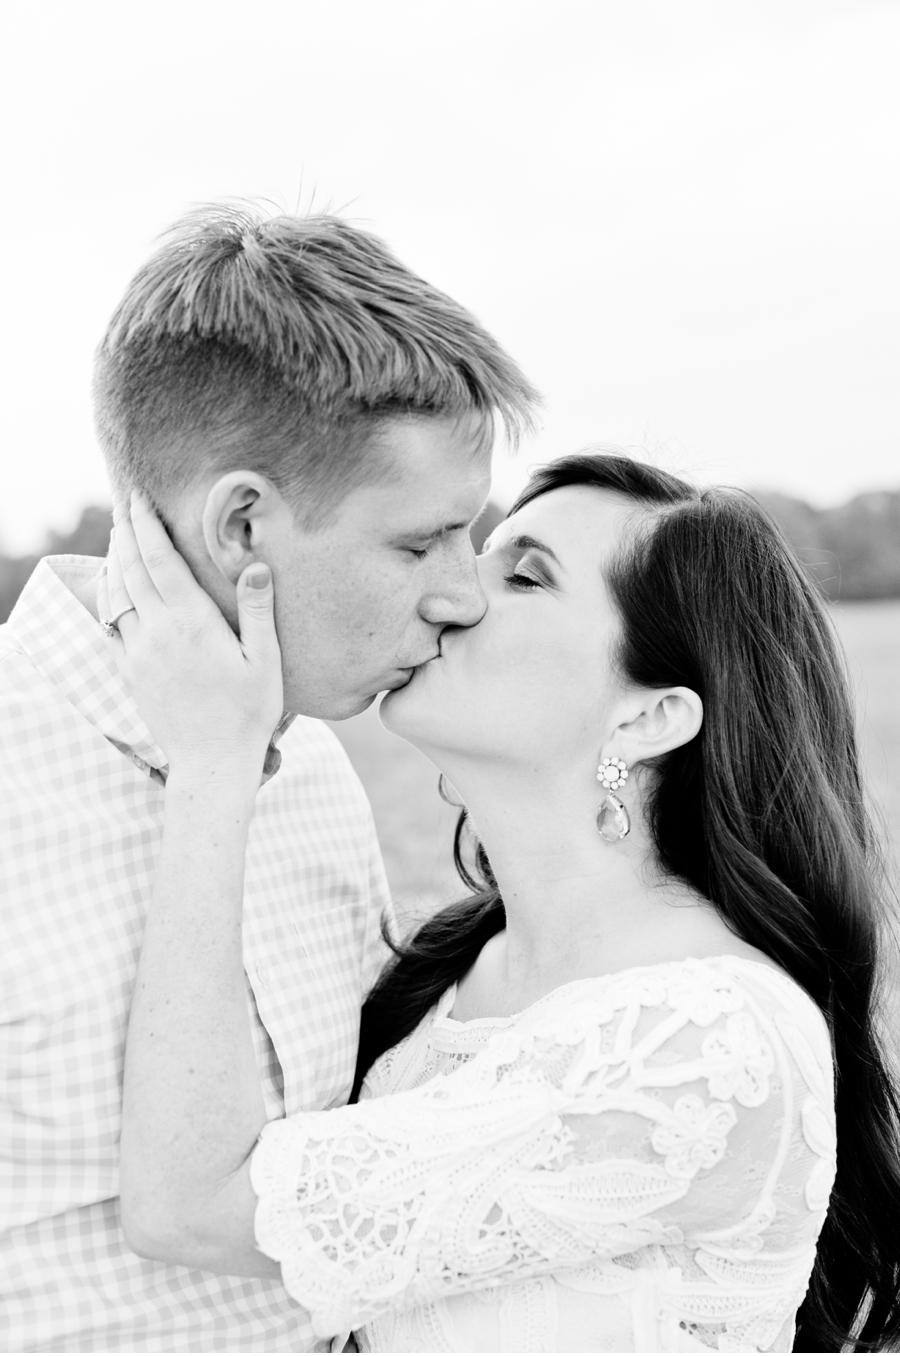 Jaime-Lauren-Photography-Fine-Art-Weddings